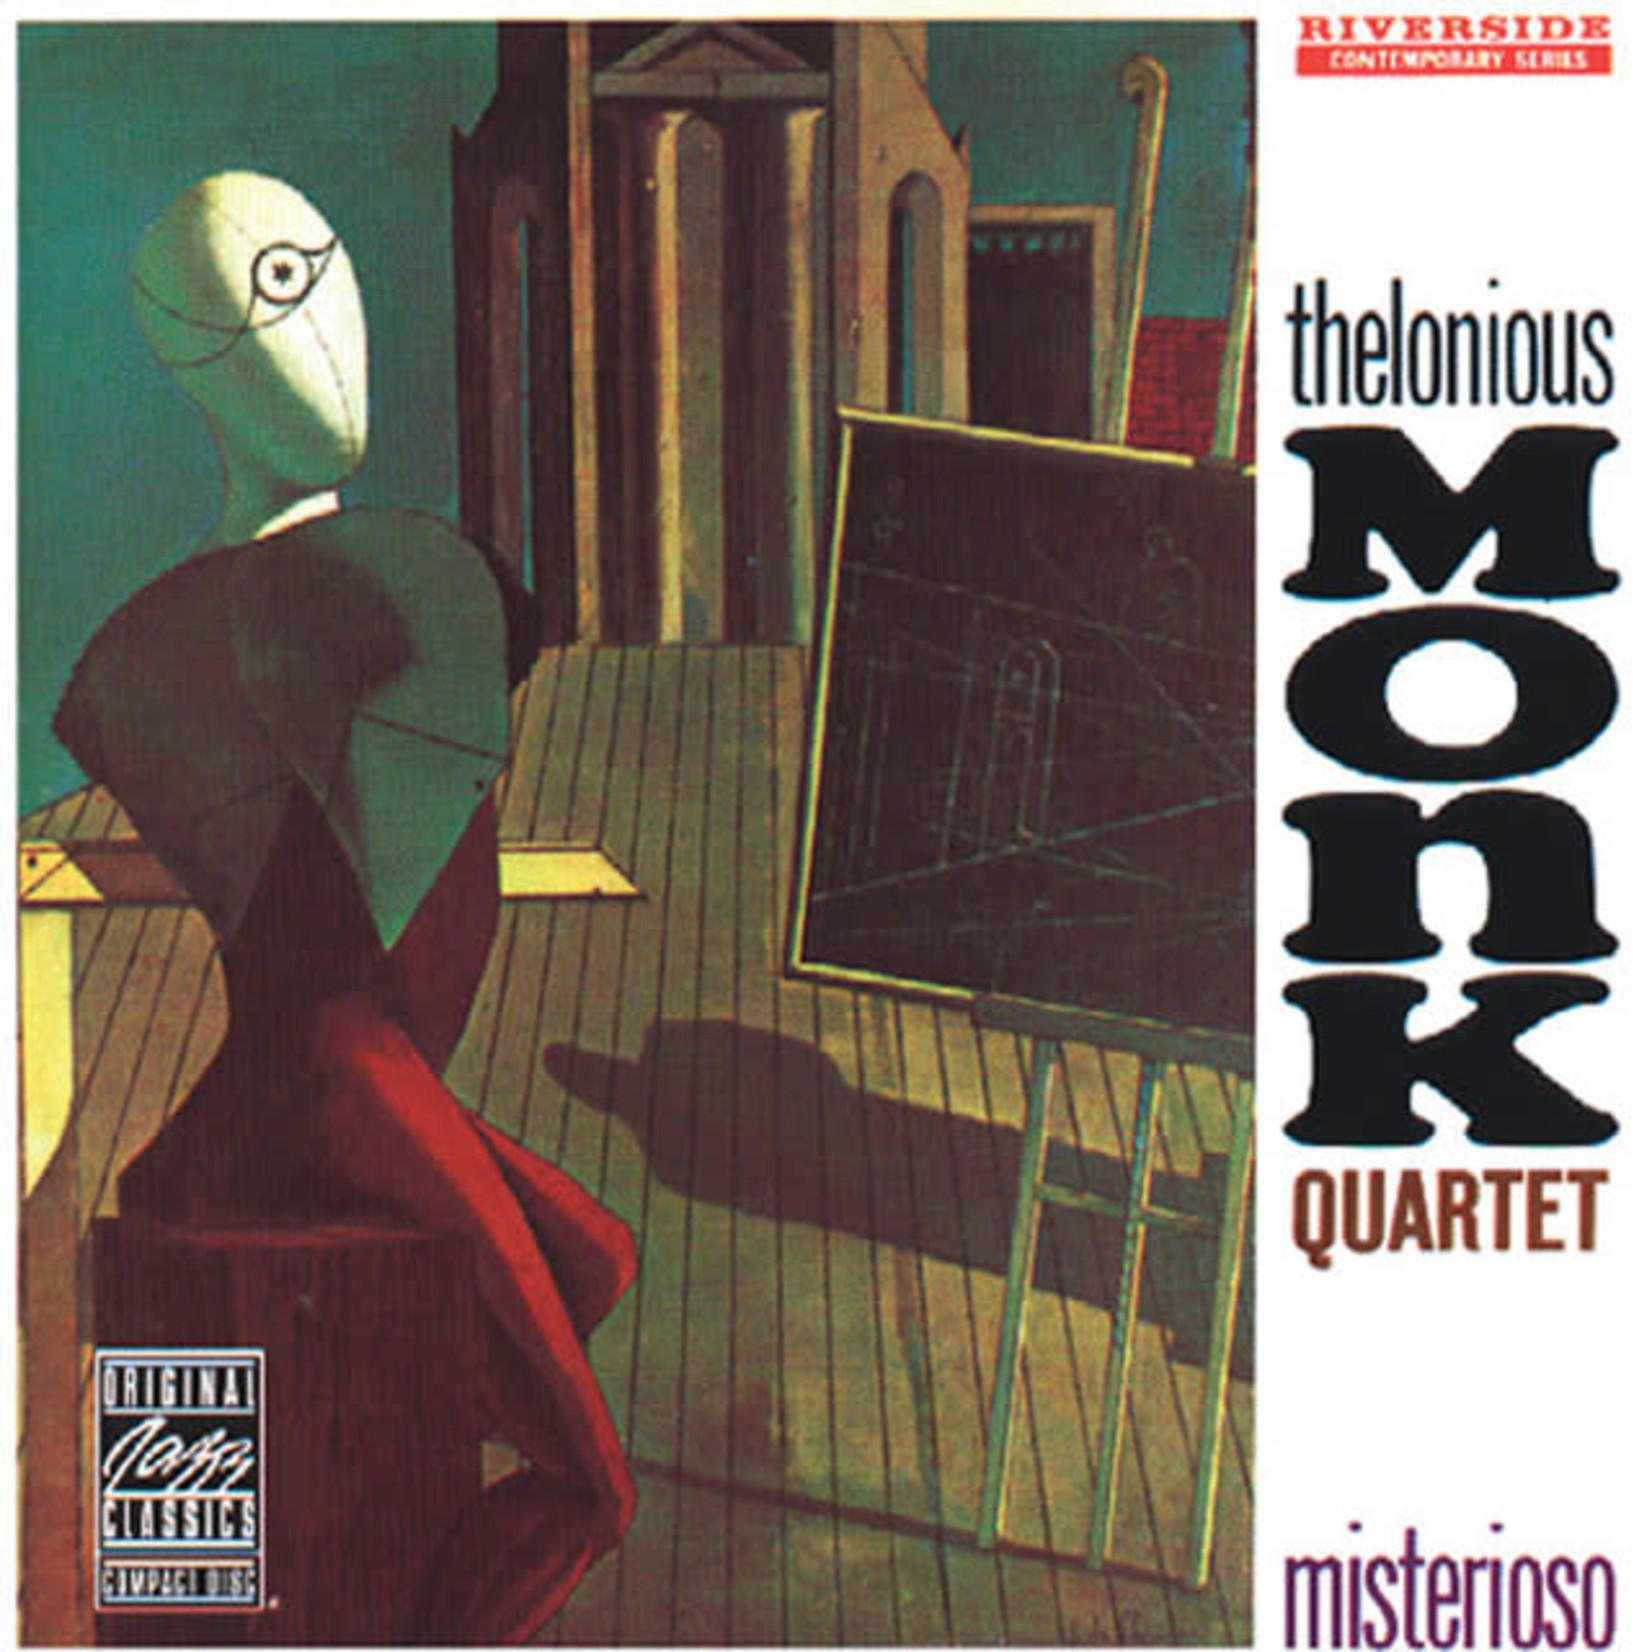 Vinyl Thelonius Monk - Misterioso